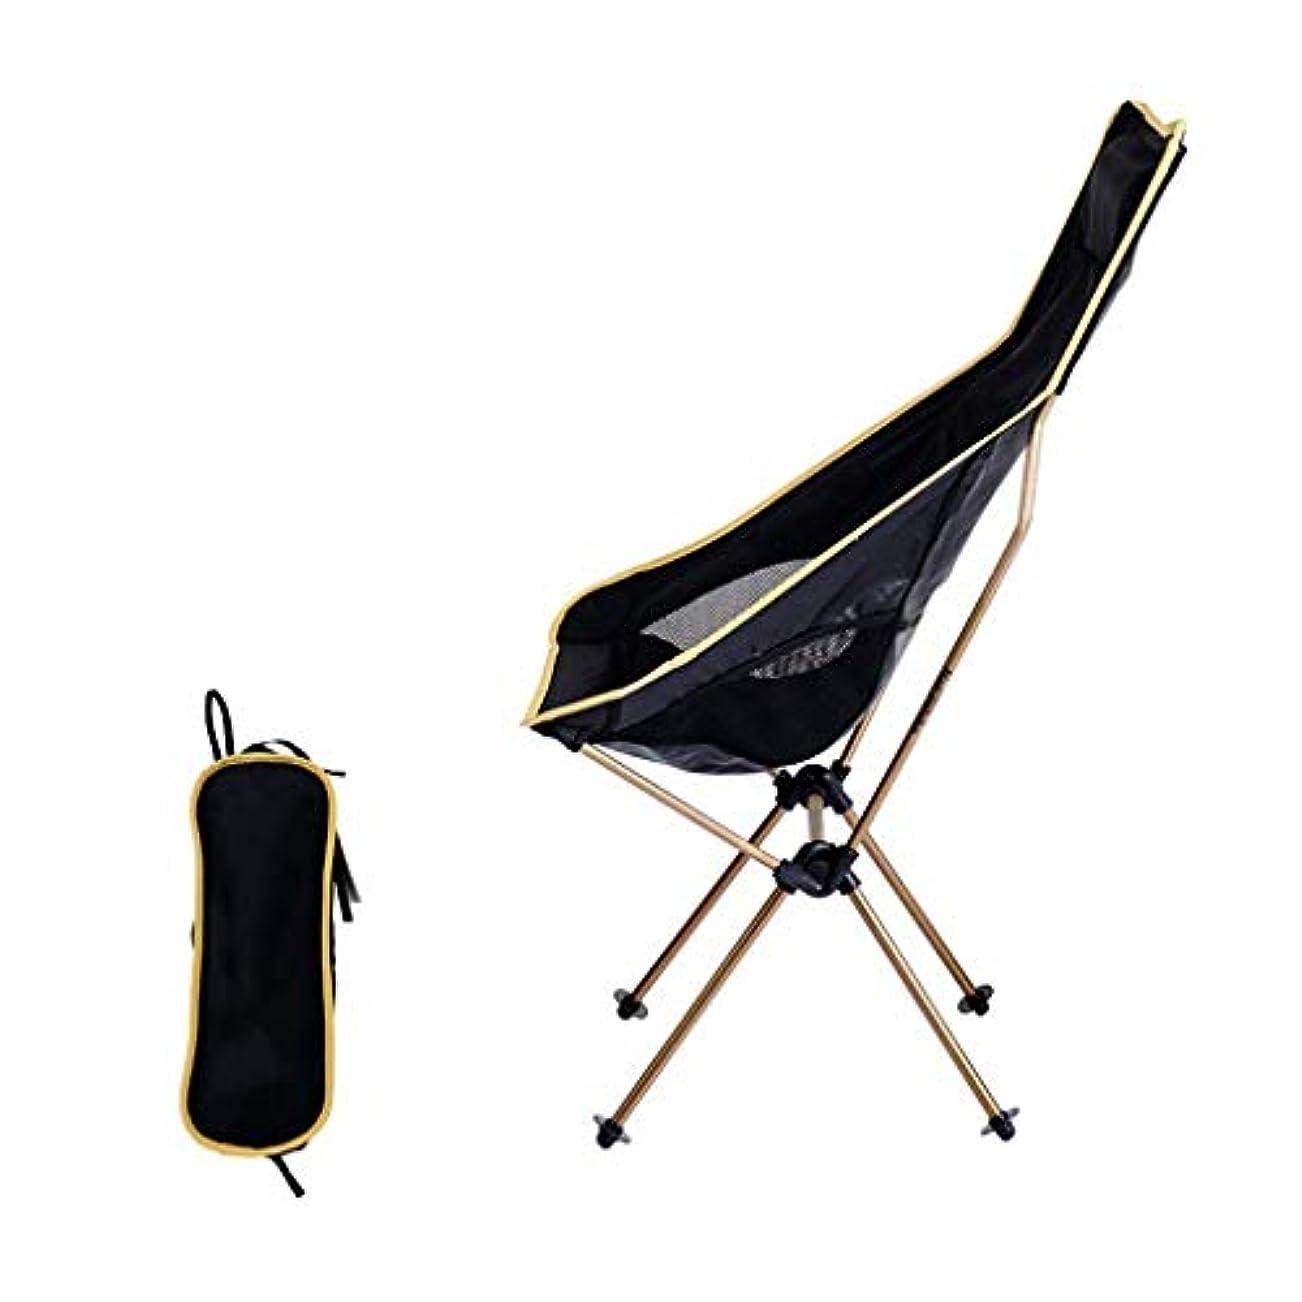 タイトル眼なだめる折りたたみ椅子超軽量キャンプビーチチェア釣り椅子背もたれスケッチチェア屋外ポータブル折りたたみ100kg耐荷重,B